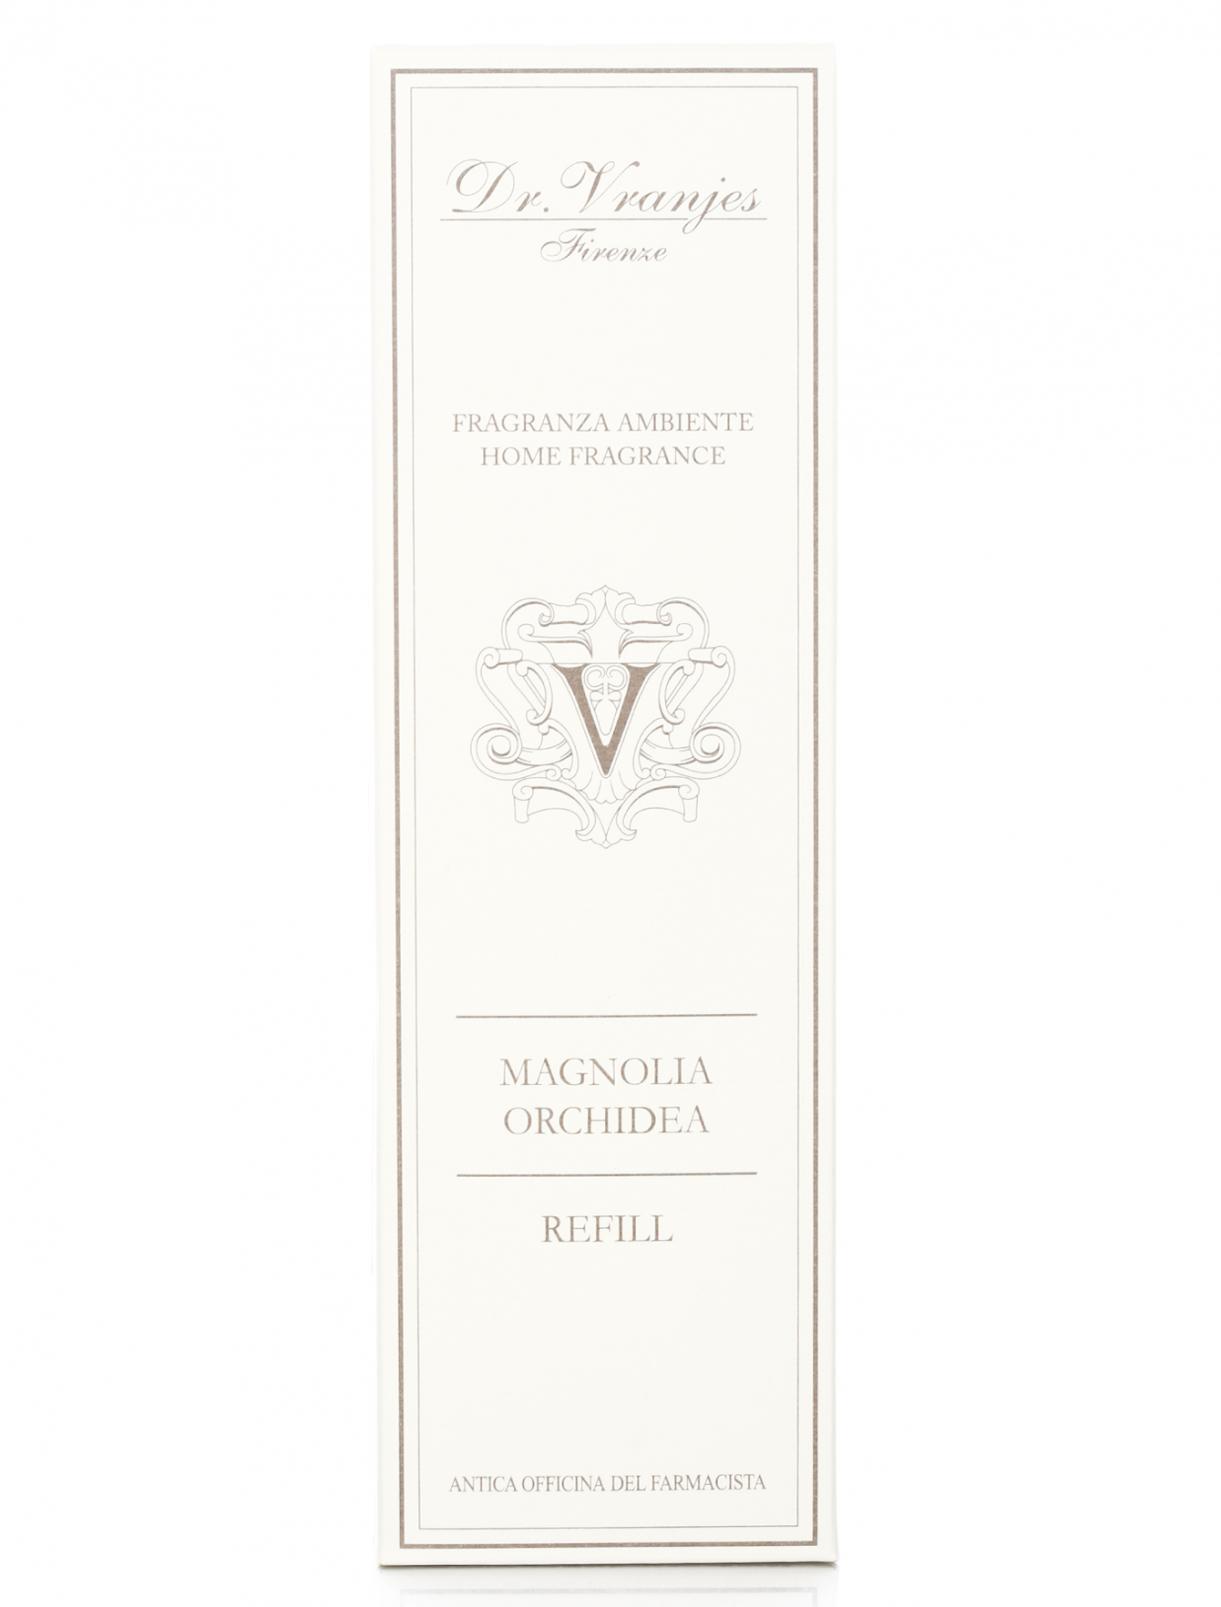 Наполнитель для диффузора Magnolia Orchidea - Home Fragrance, 500ml Dr. Vranjes  –  Модель Общий вид